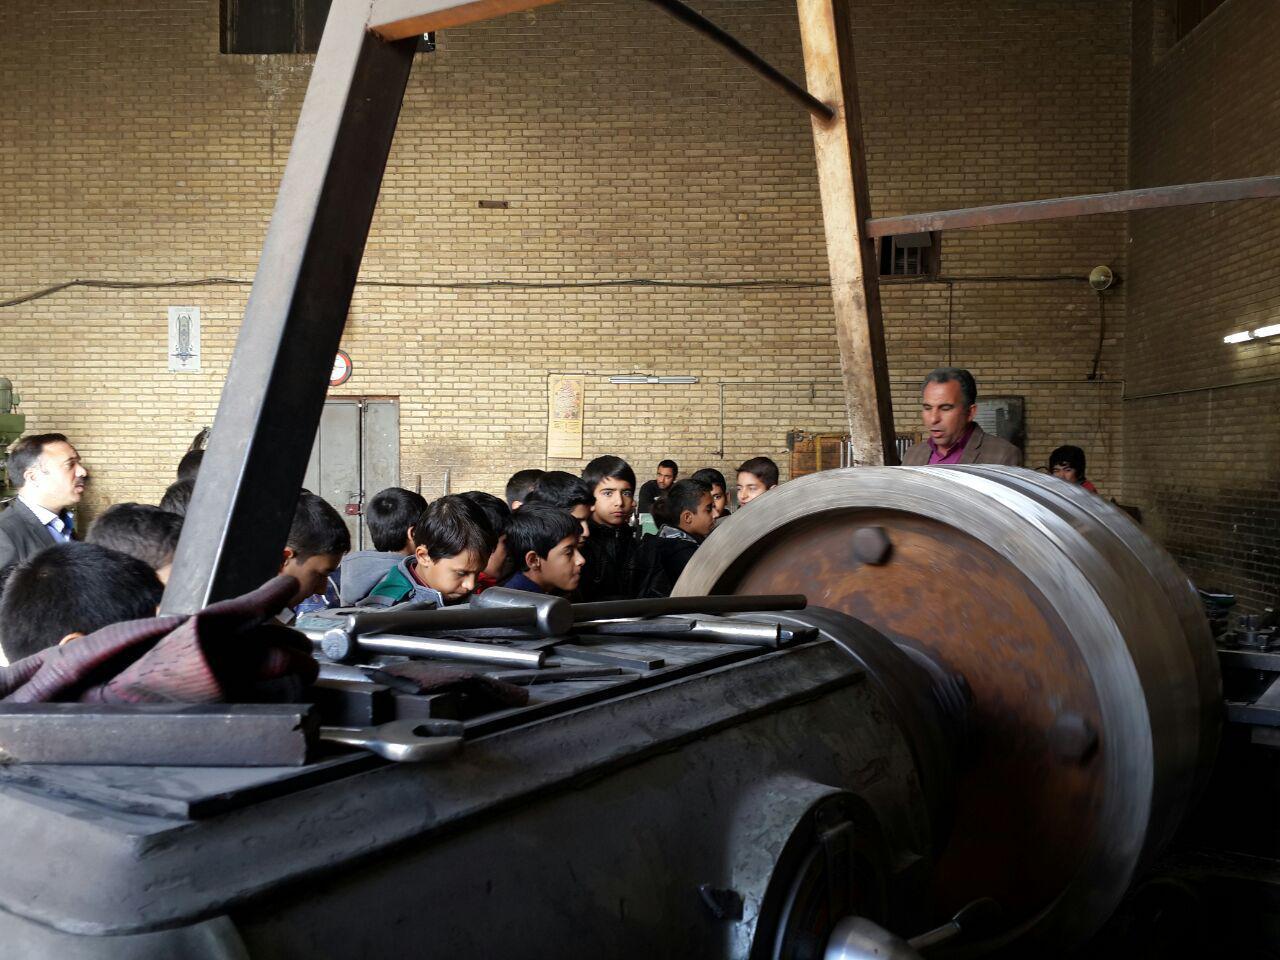 بازدید از تراشکاری/کلاس شهید احمدی روشن